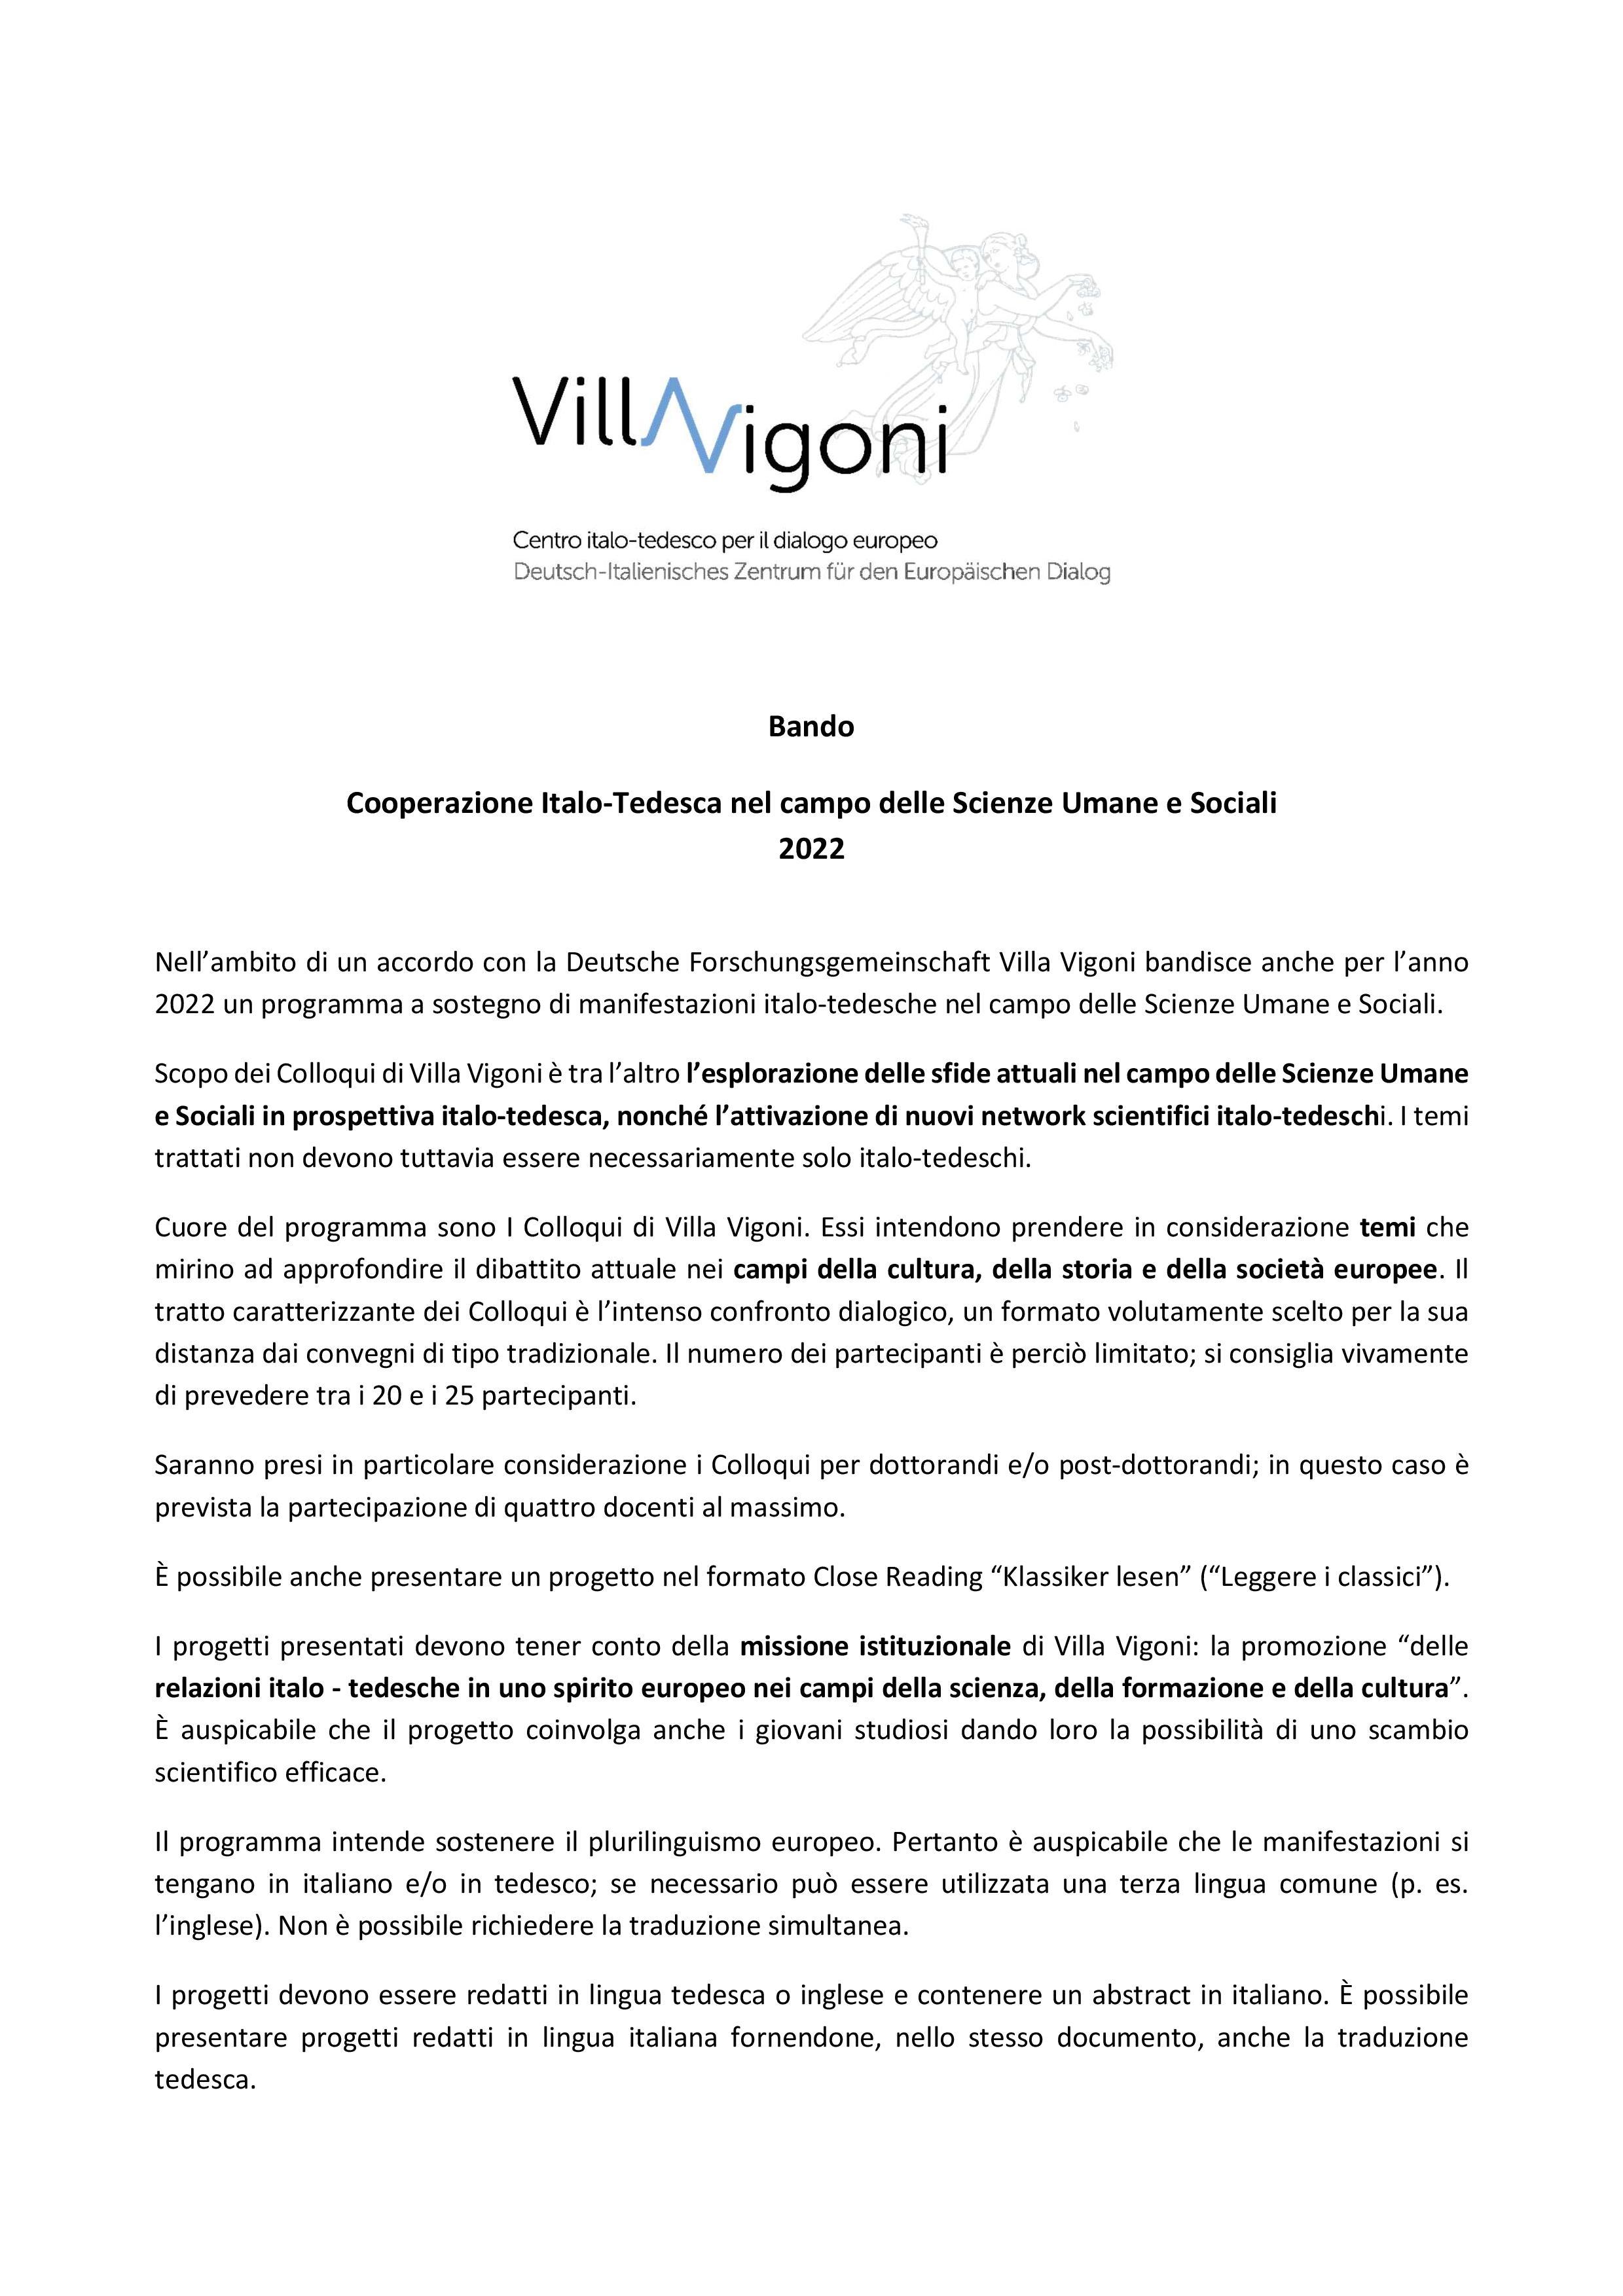 2022_Bando_Cooperazione Italo-Tedesca Scienze Umane e Sociali-page-001